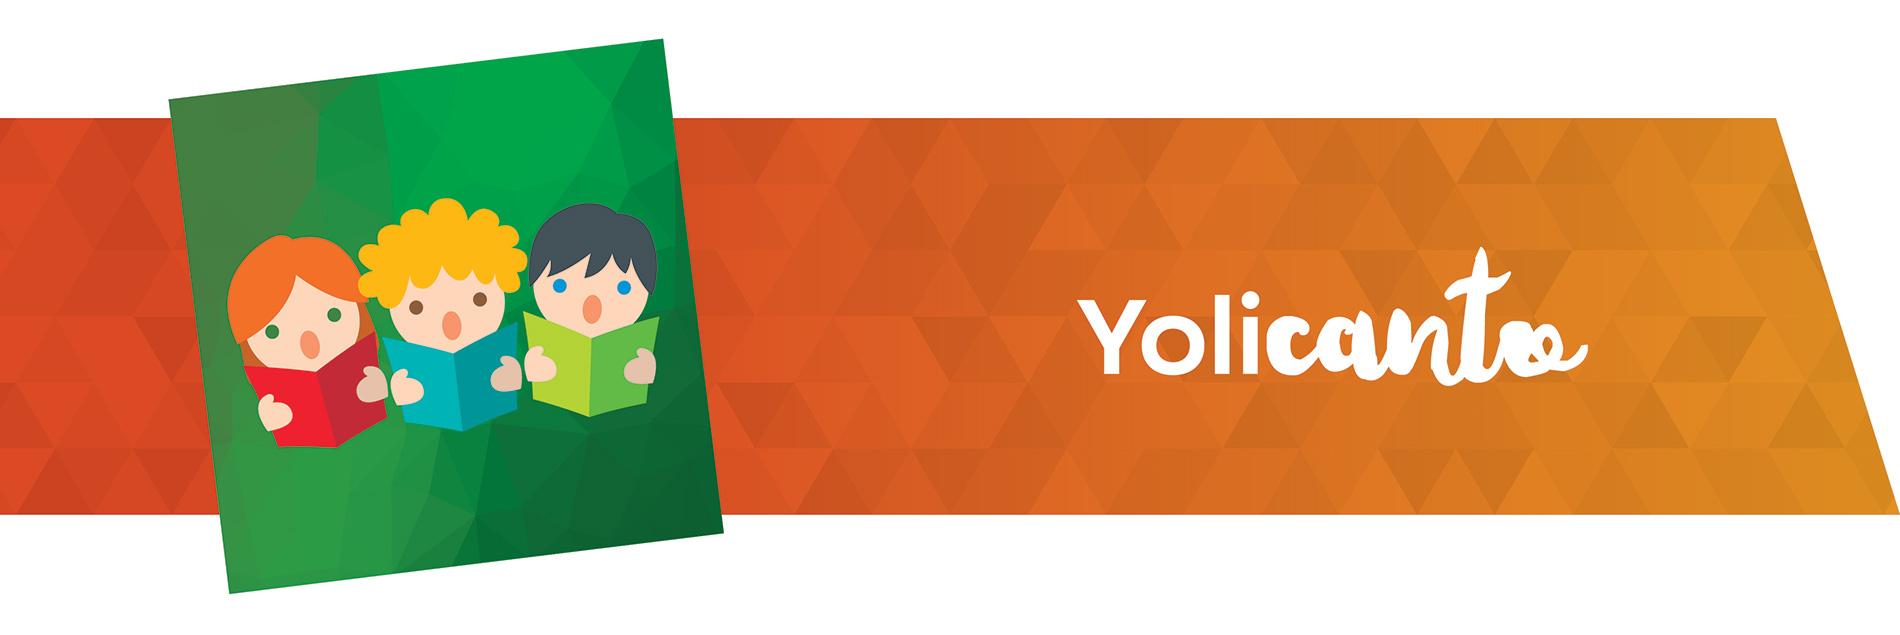 TOP-Yolicanto